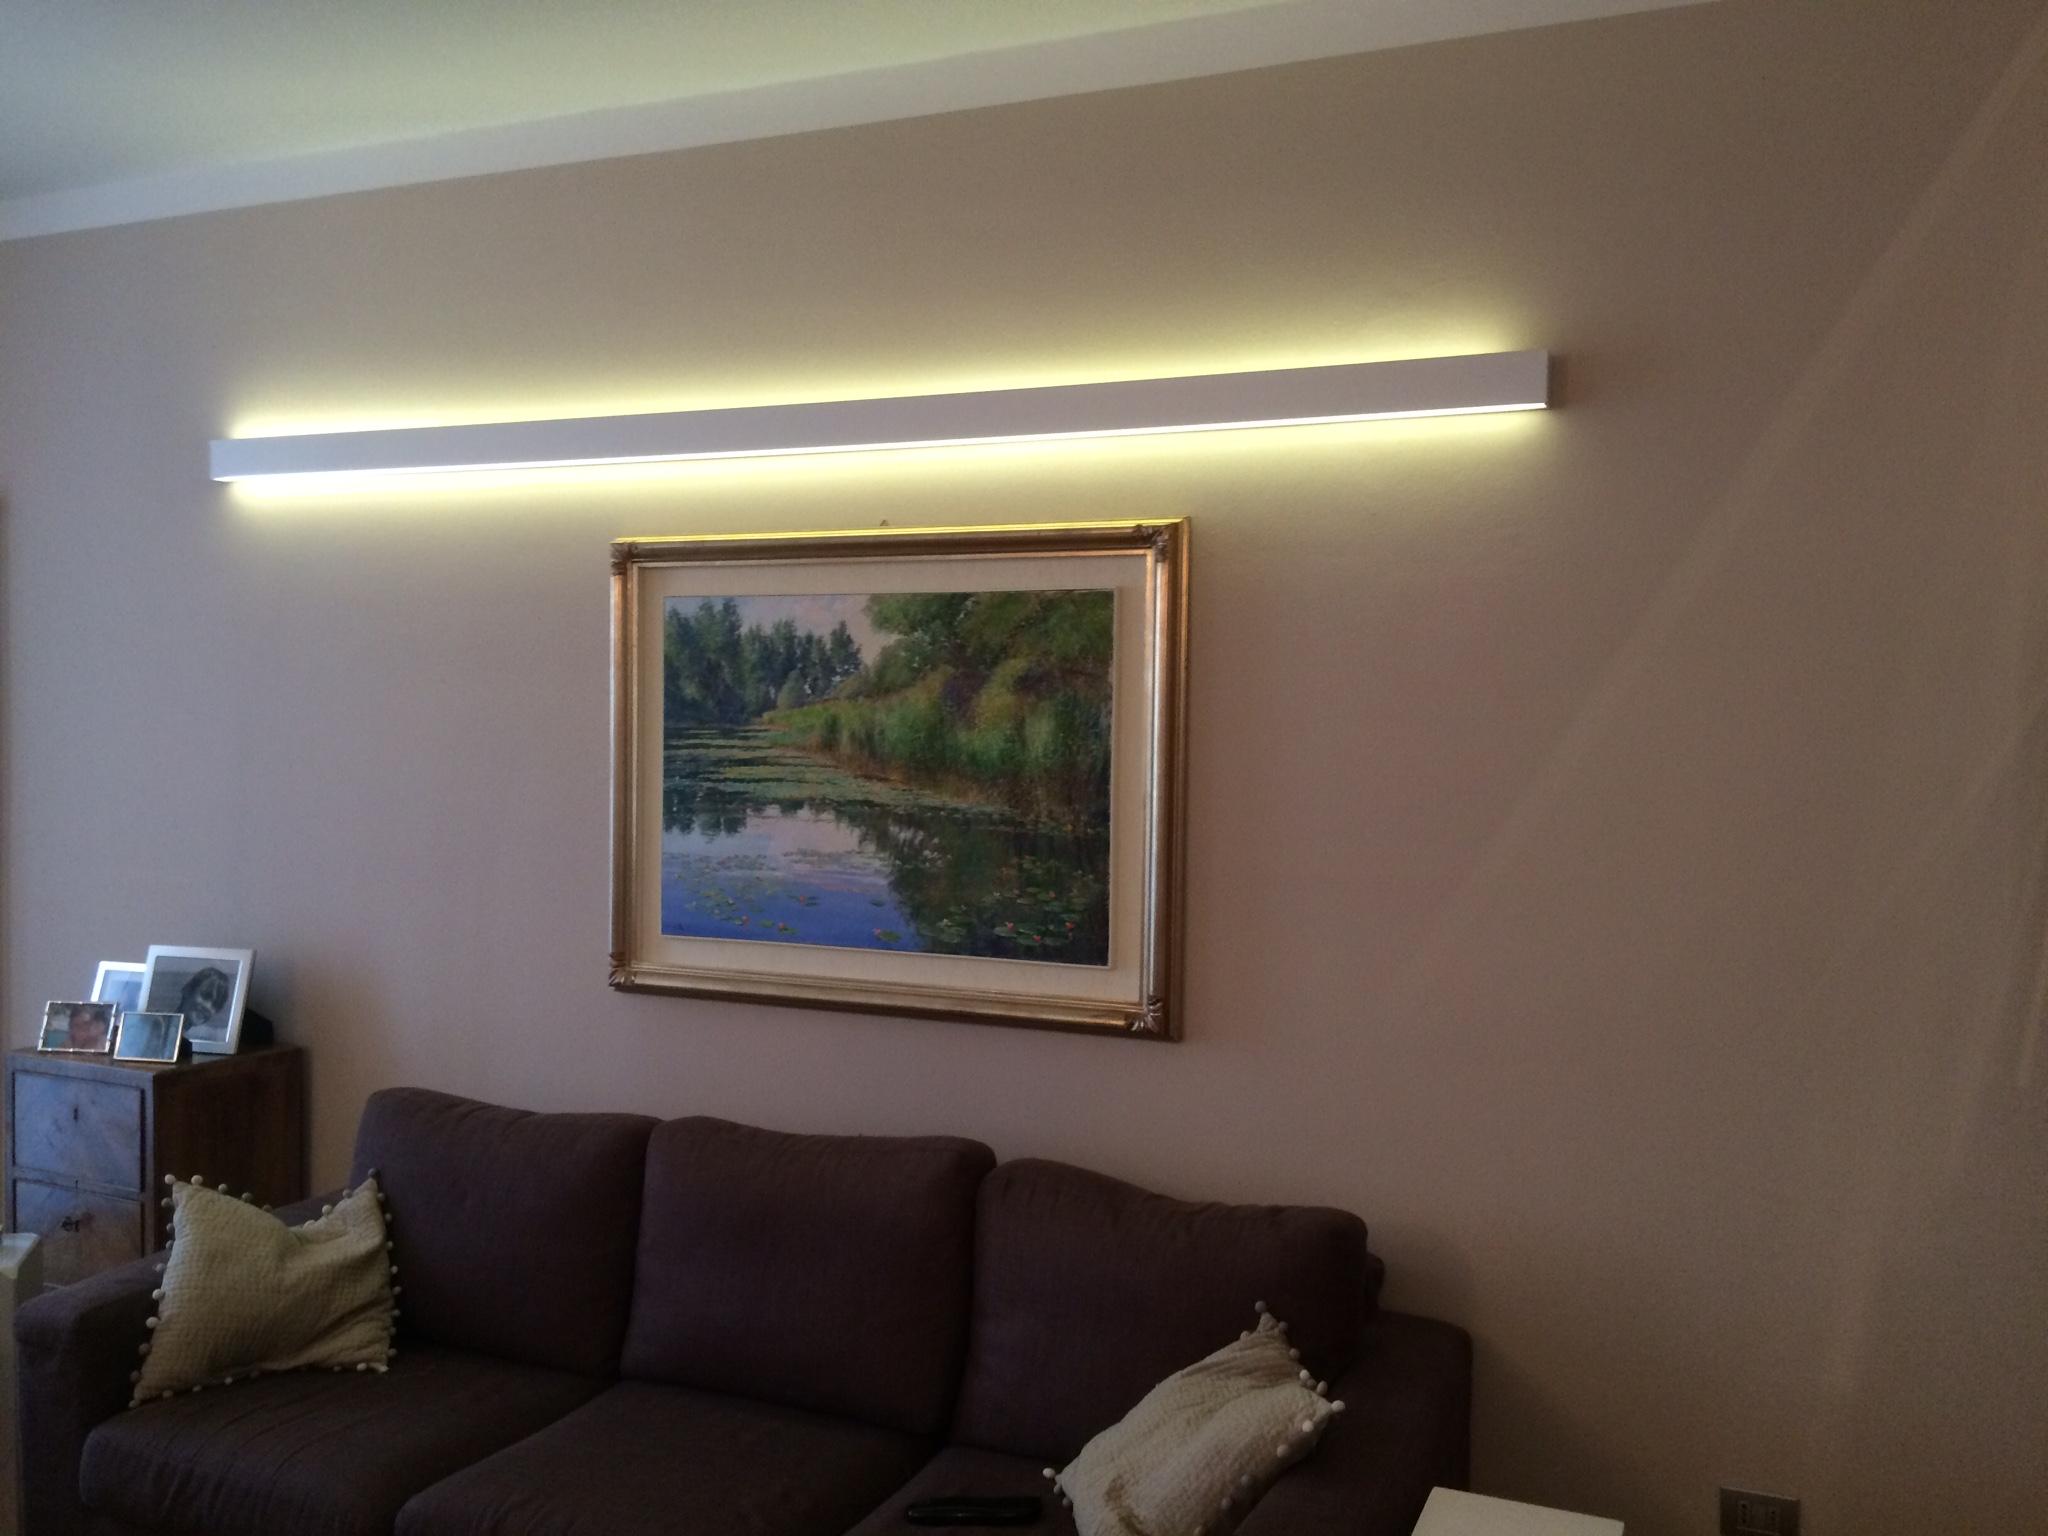 Applique alluminio bianca led con telecomando lombardi lampadari